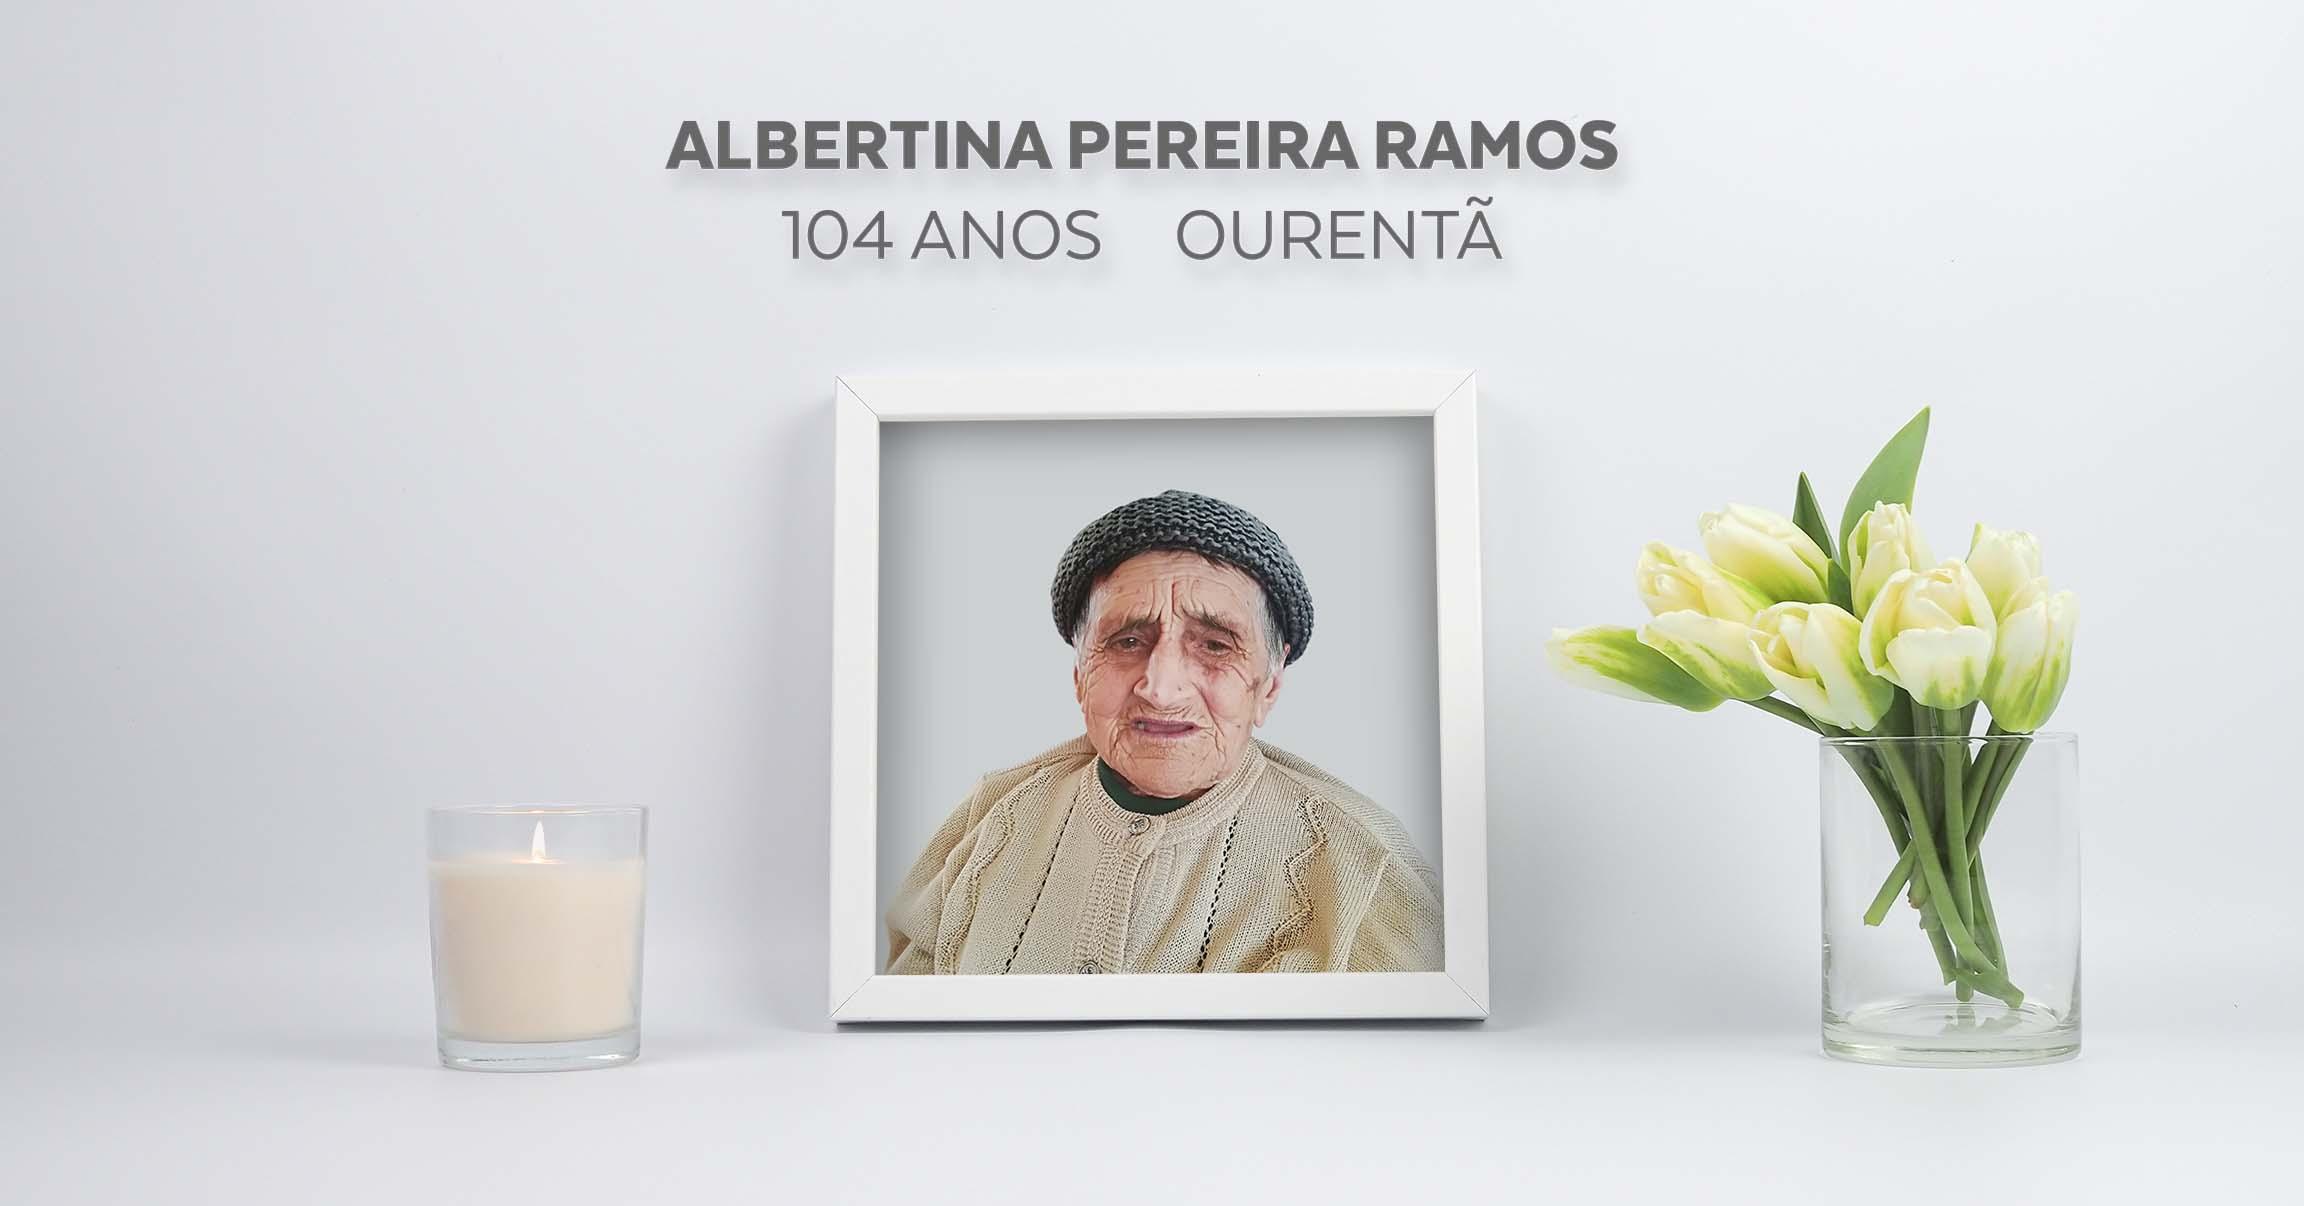 Albertina Pereira Ramos